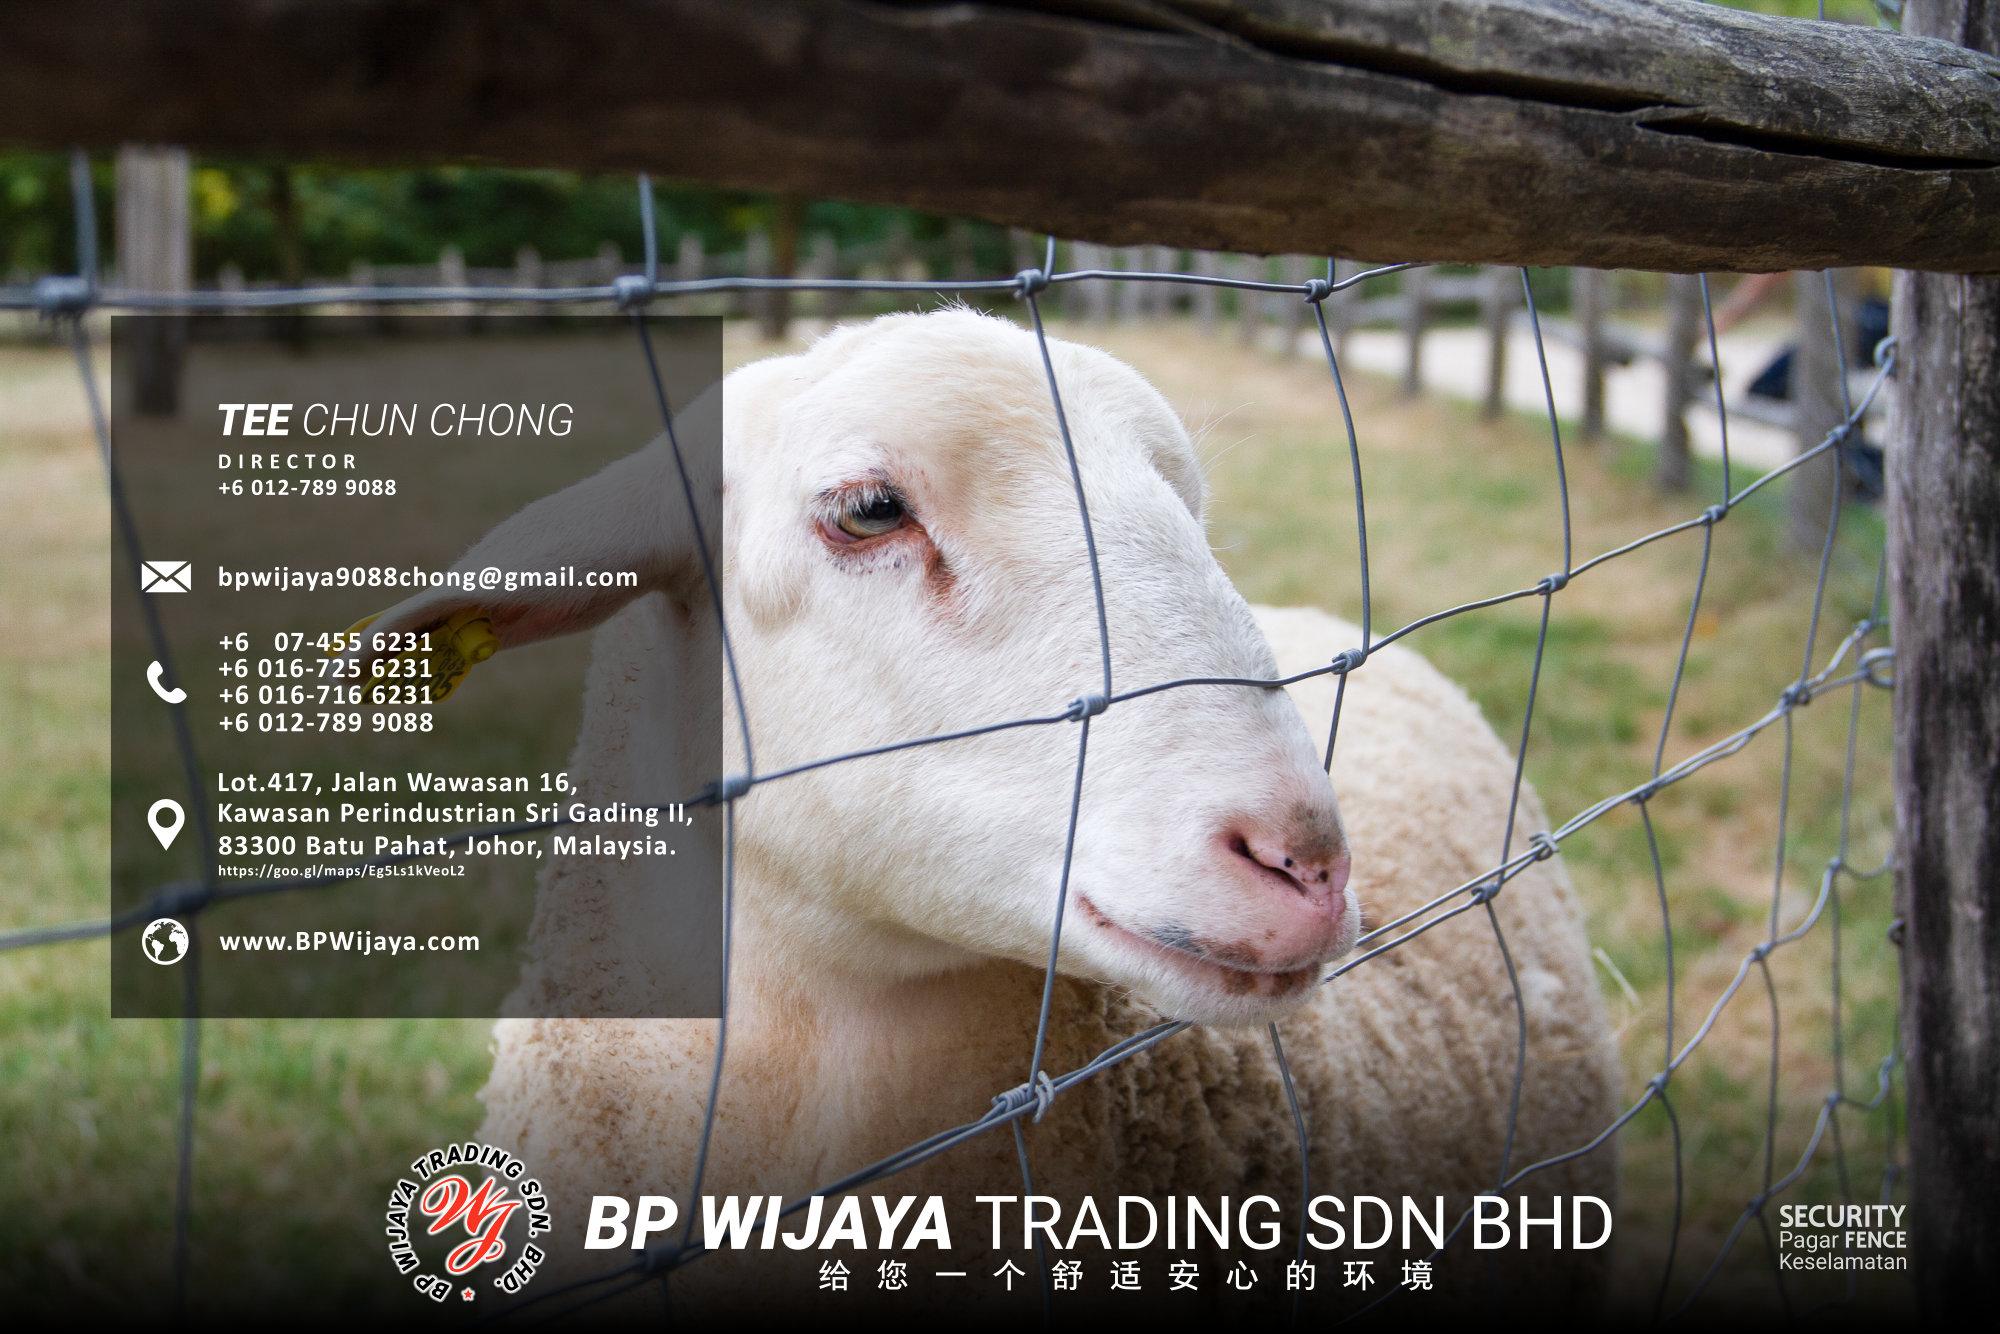 吉隆坡安全篱笆供应商 - 我们是安全篱笆制造商 BP Wijaya Trading Sdn Bhd 住家围栏篱笆 提供 吉隆坡篱笆 建筑材料 给 发展商 花园 公寓 住家 工厂 农场 果园 安全藩篱 建设 A03-021